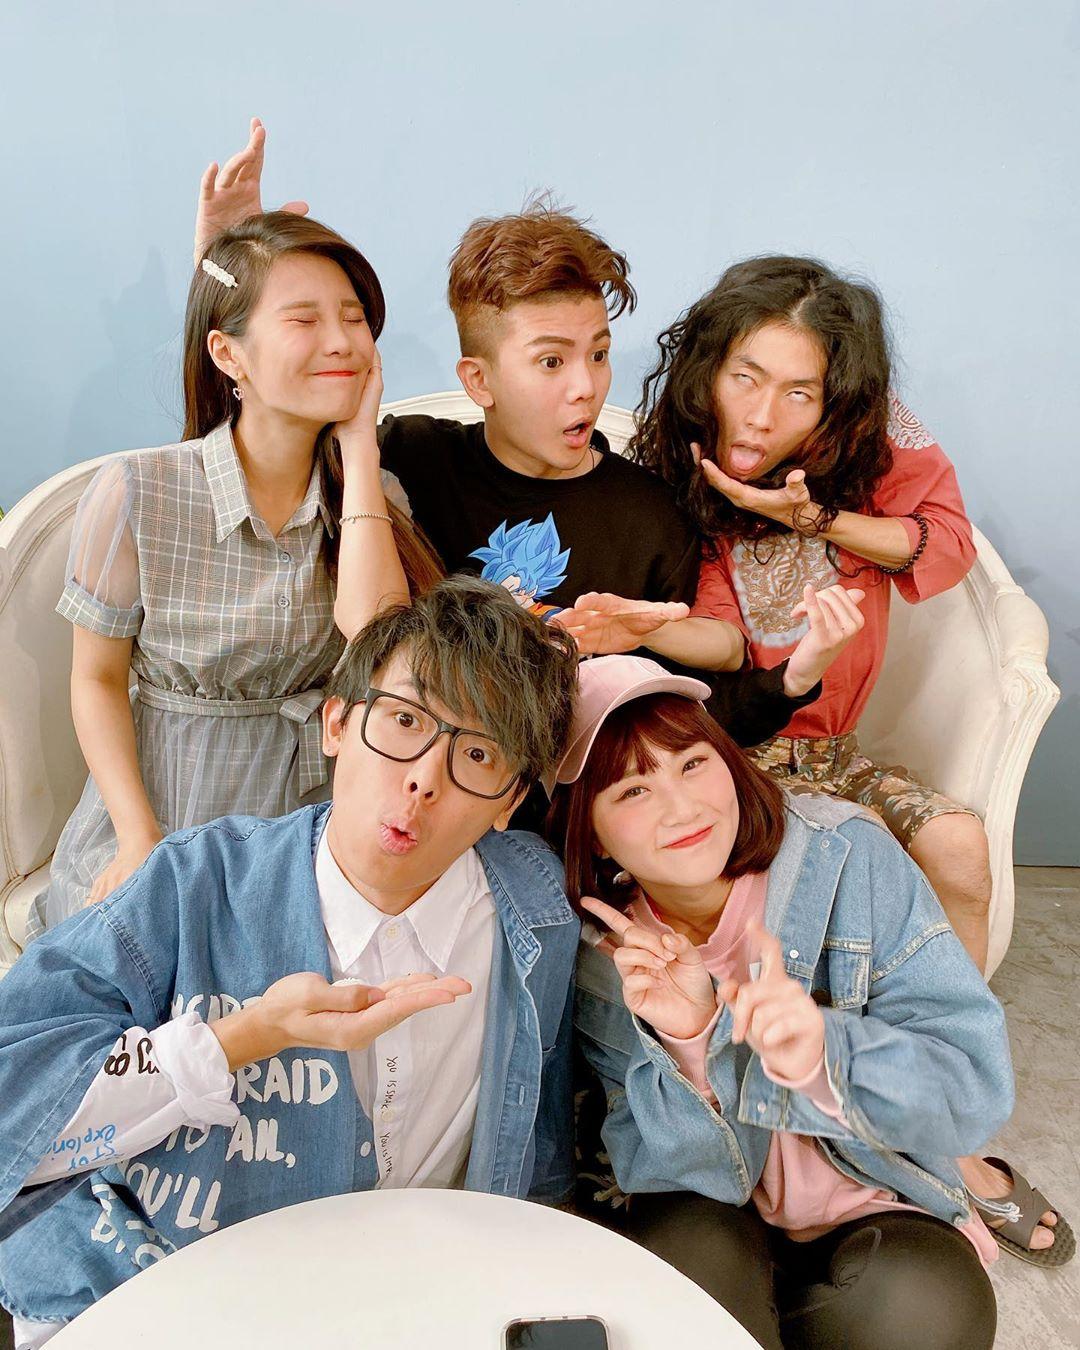 5組「被YouTube耽誤」的饒舌歌手 滴妹陪異鄉人「小唱幾句」根本超強!